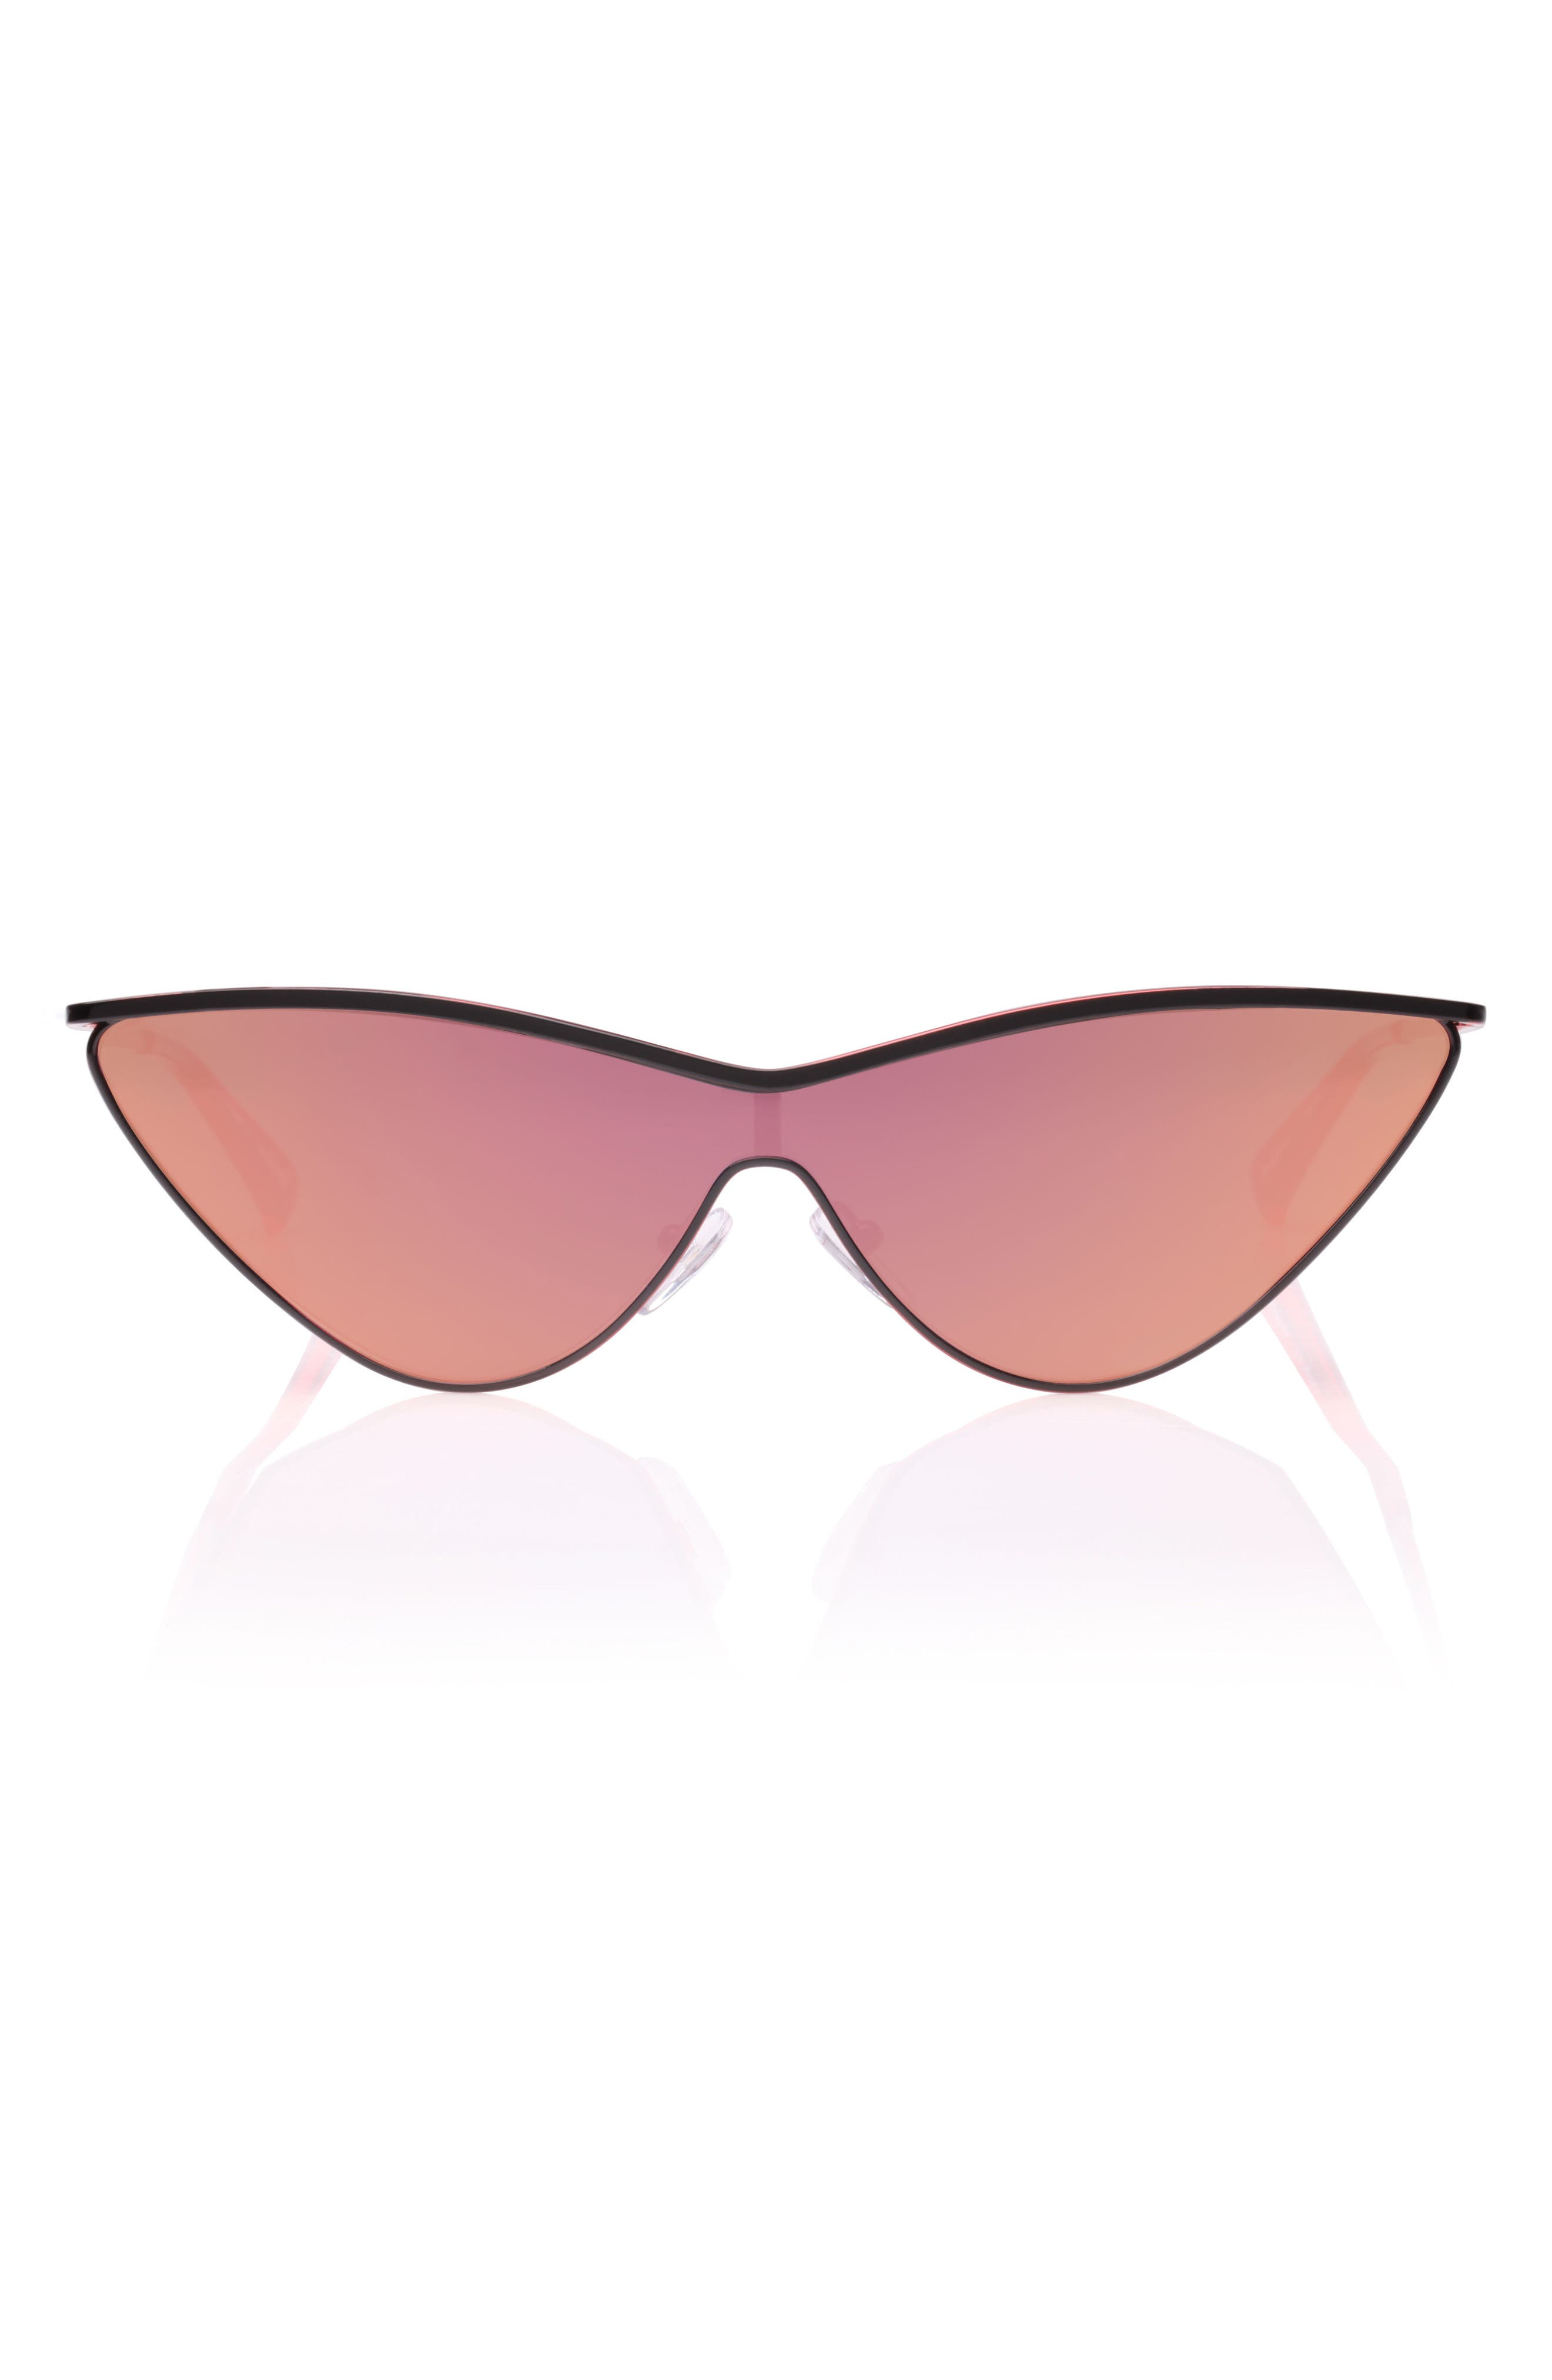 Le Specs x Adam Selman The Fugitive 71mm Sunglasses